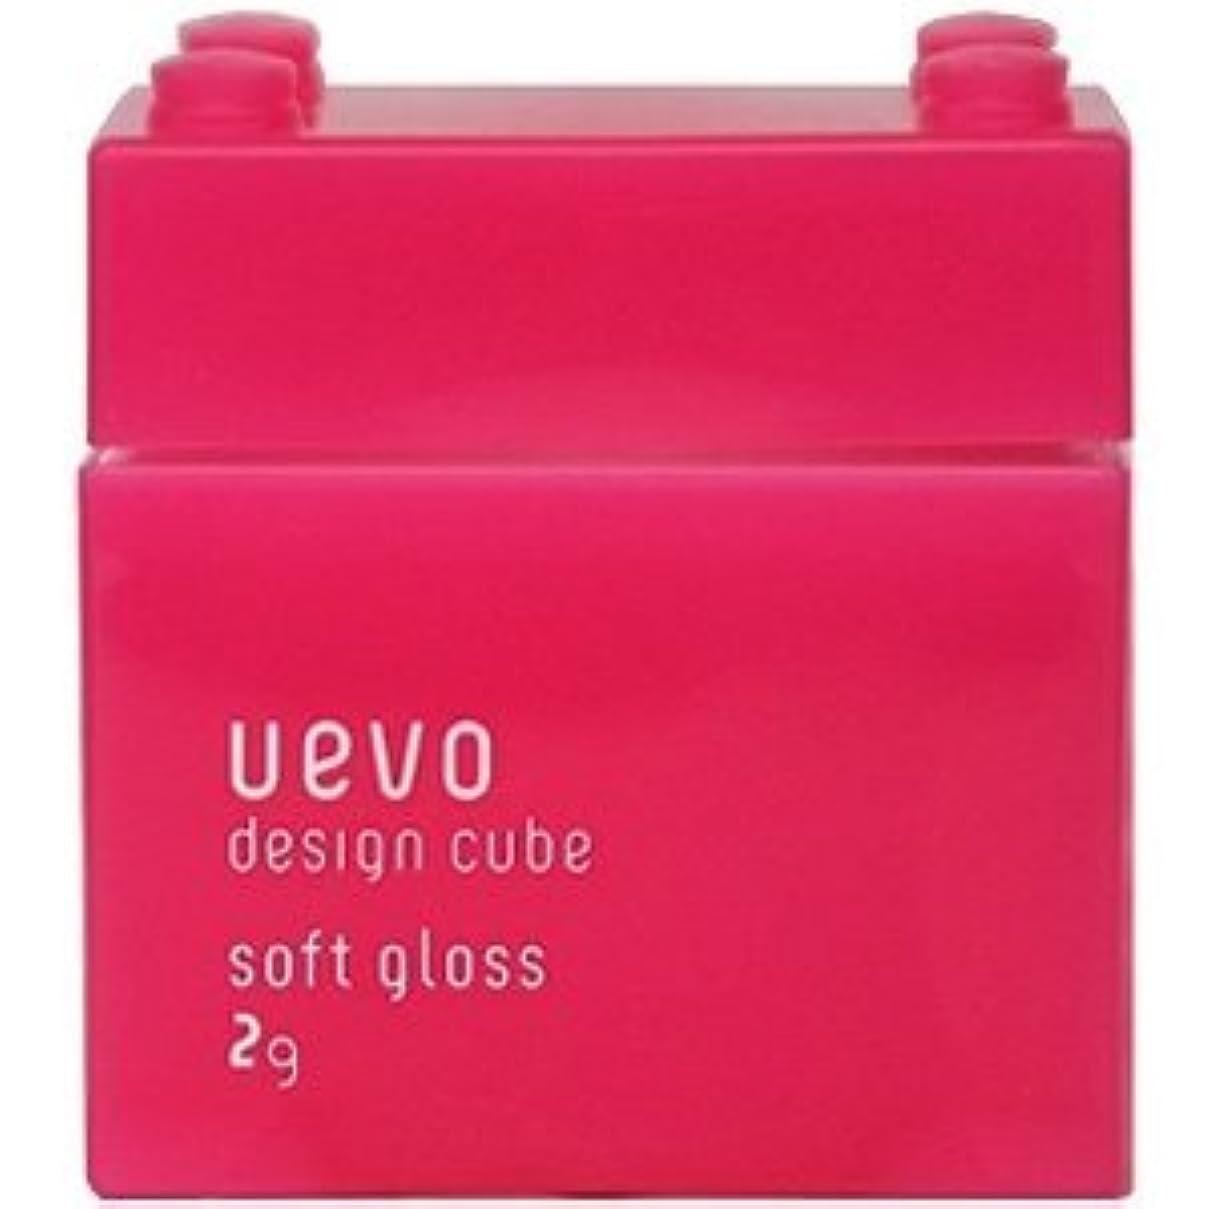 差別する無実消費【X2個セット】 デミ ウェーボ デザインキューブ ソフトグロス 80g soft gloss DEMI uevo design cube